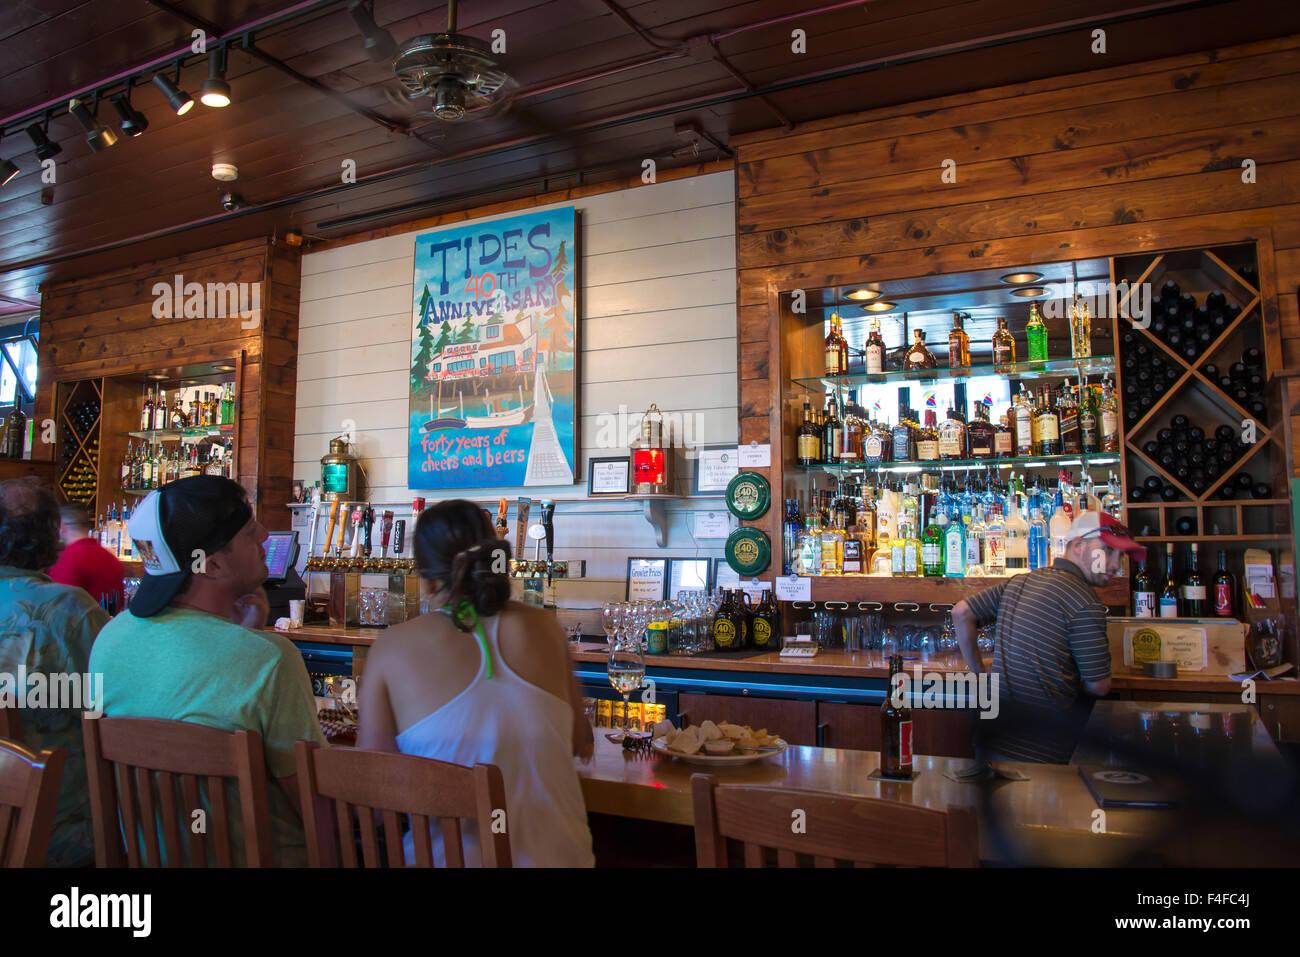 Tides Puget Sound Gig Harbor The Best Sound 2018